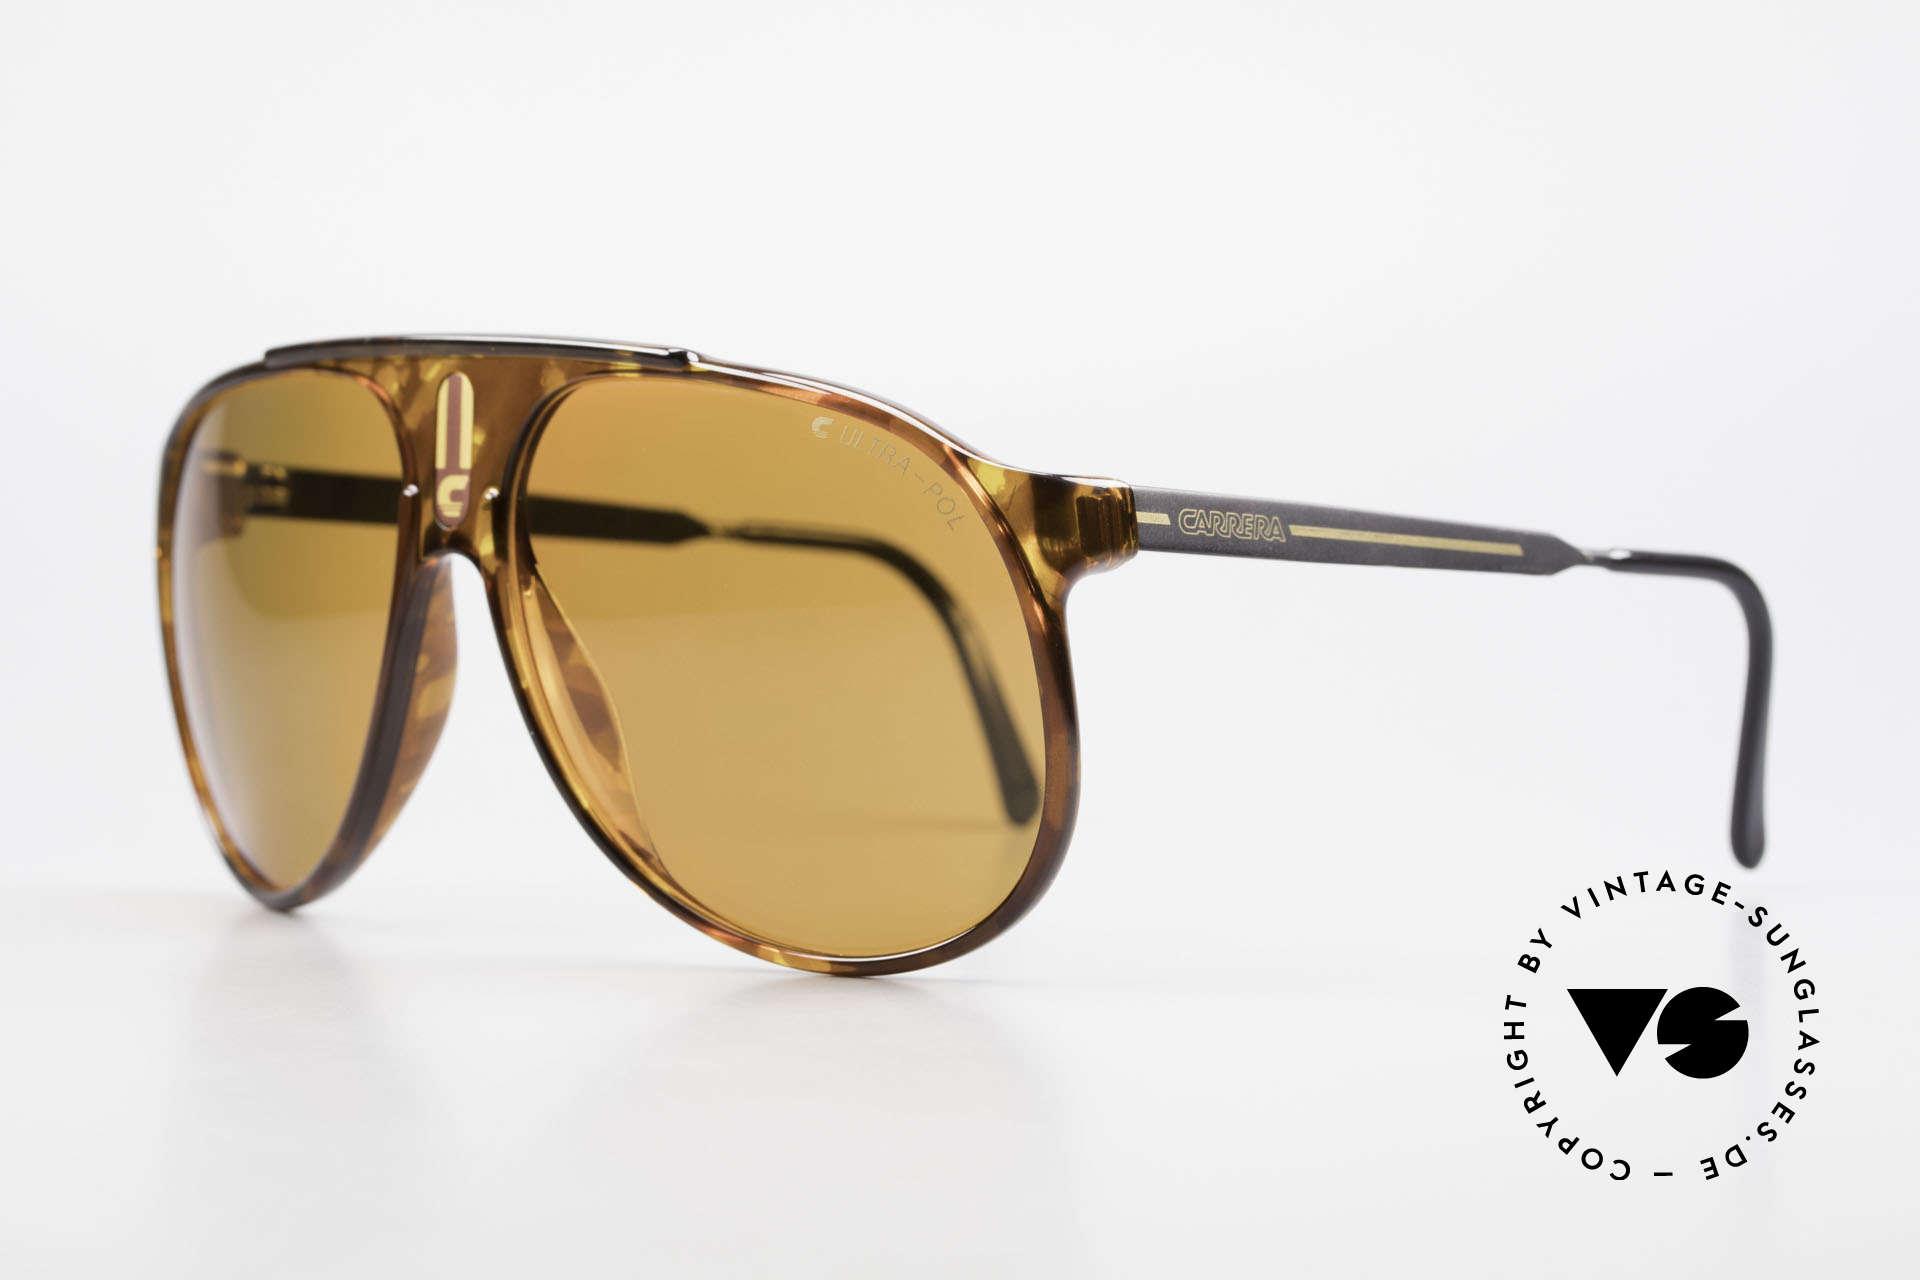 Carrera 5424 80s Sonnenbrille Polarisierend, Sport Performance im Pilotendesign, Top-Qualität, Passend für Herren